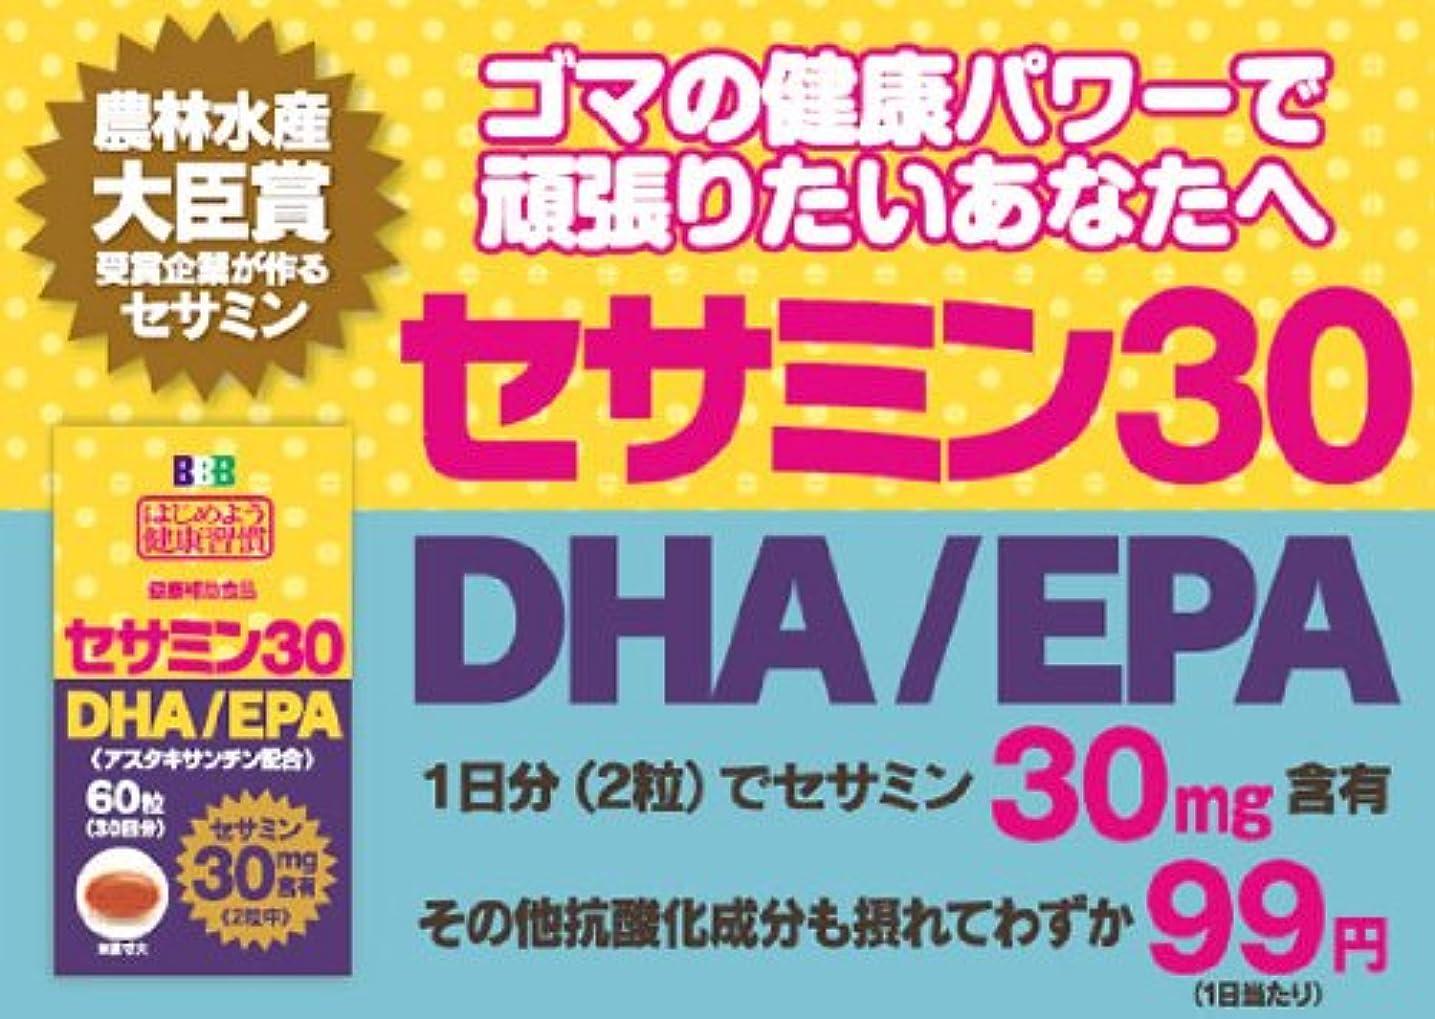 ヒップ火コンチネンタルスリービー セサミン30 DHA EPA アスタキサンチン配合 【30日分】 (60粒)